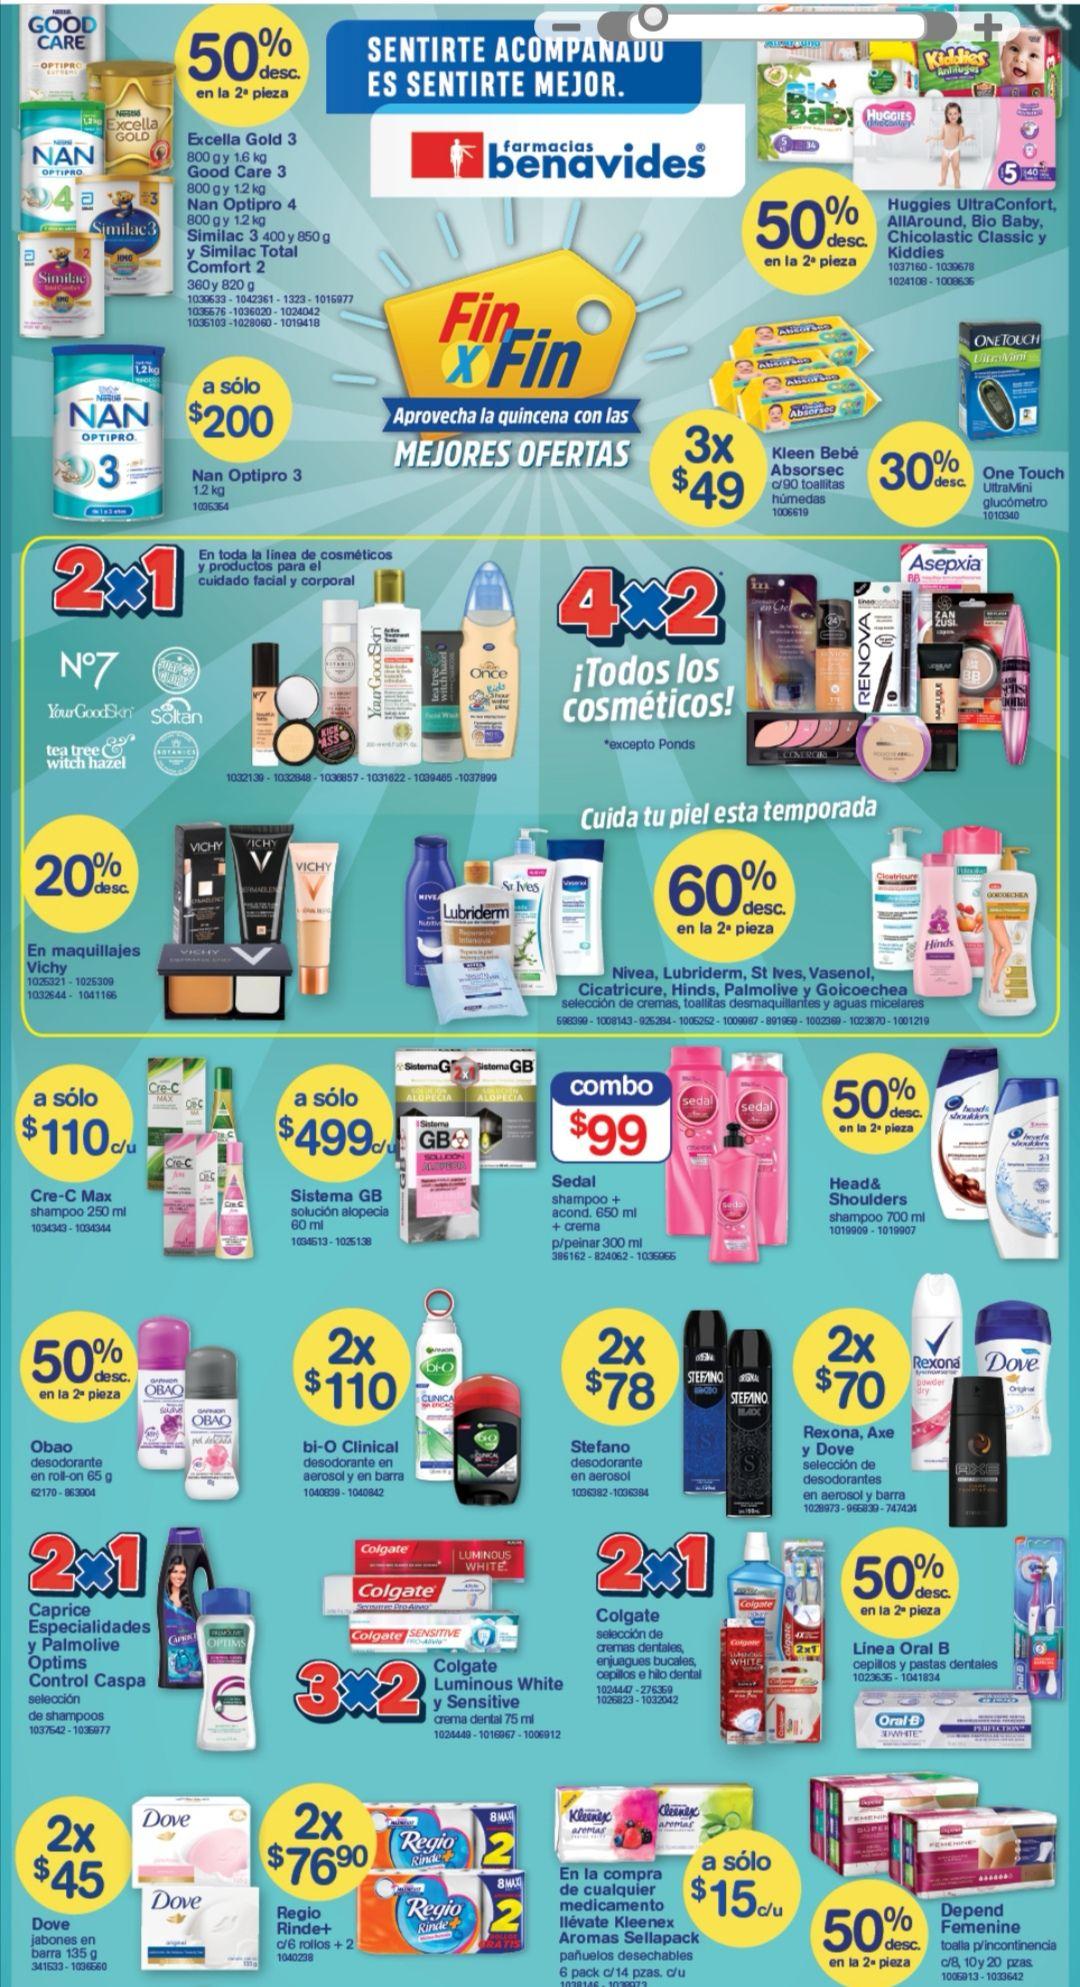 Farmacias Benavides: Ofertas de Fin de Semana del Viernes 13 al Domingo 15 de Diciembre